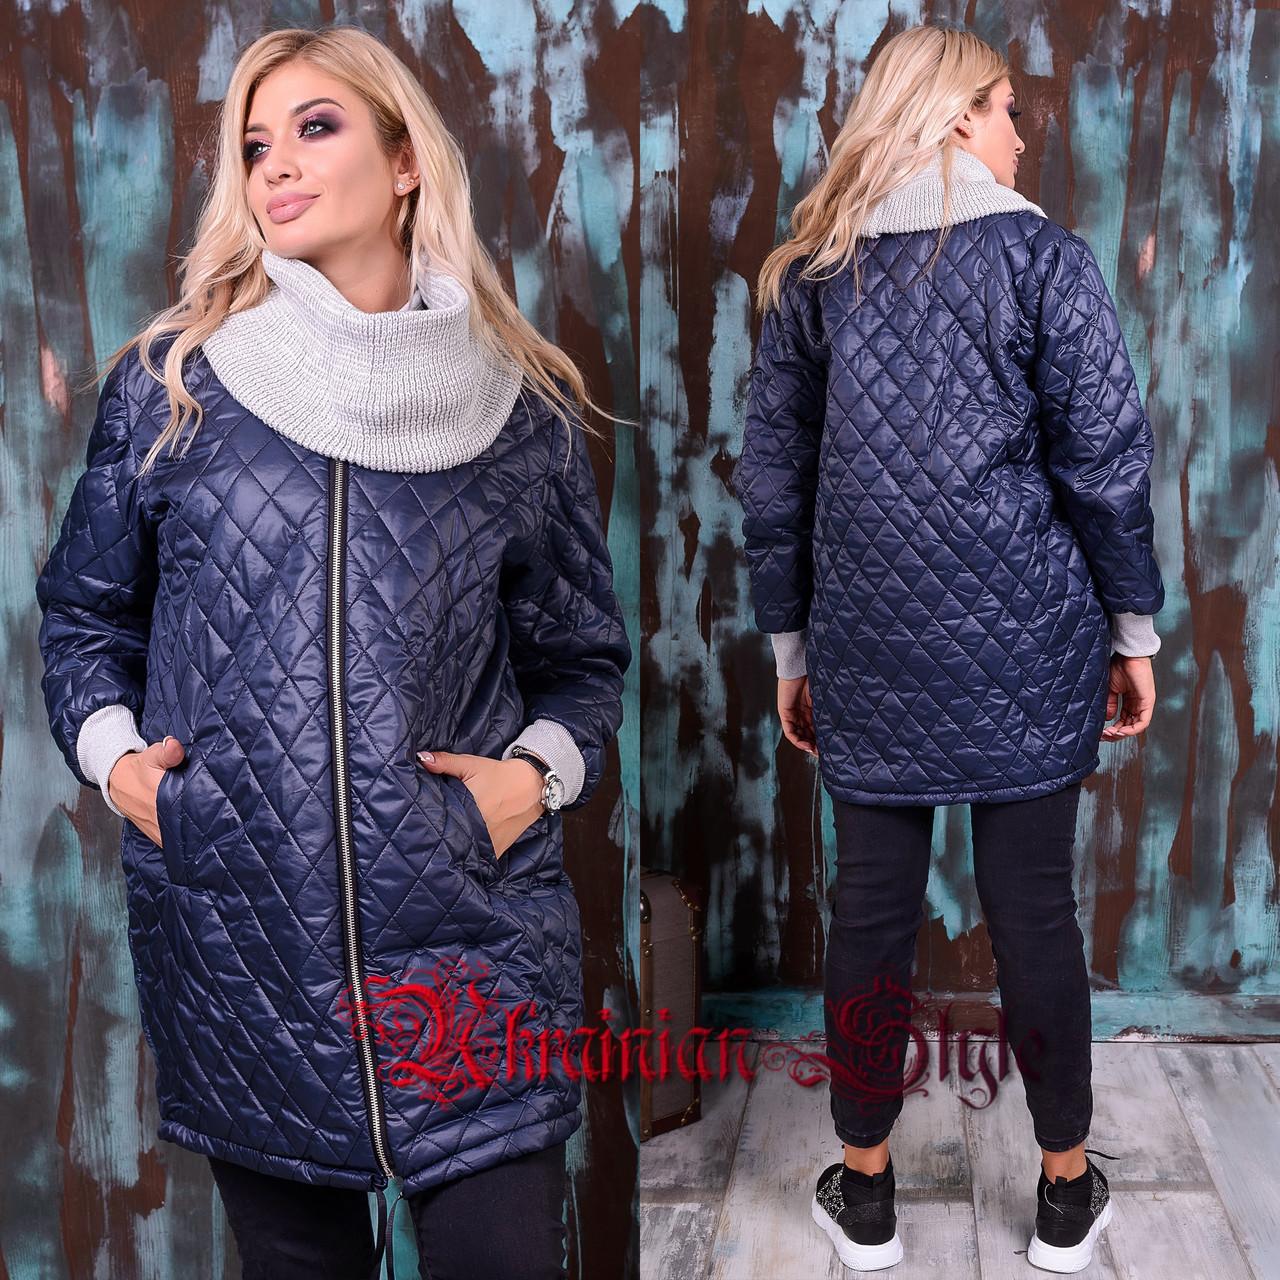 3ed0478e9f68 Демисезонная батальная молодежная женская длинная курточка со снудом. 3  цвета!